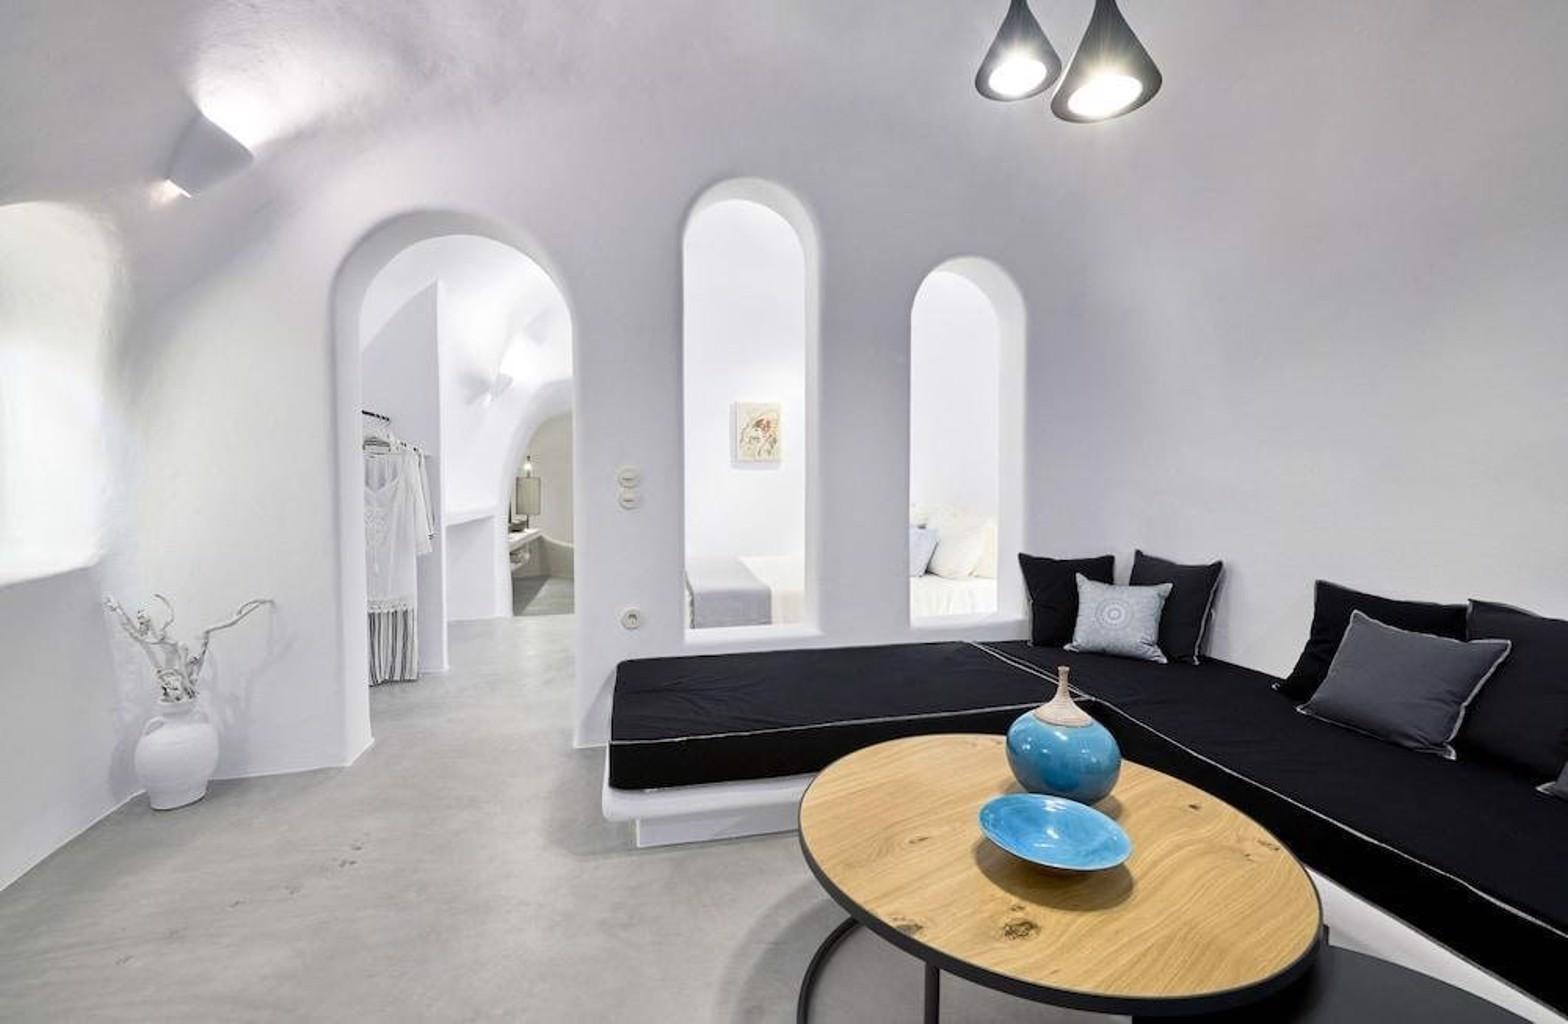 The Bubble Suite